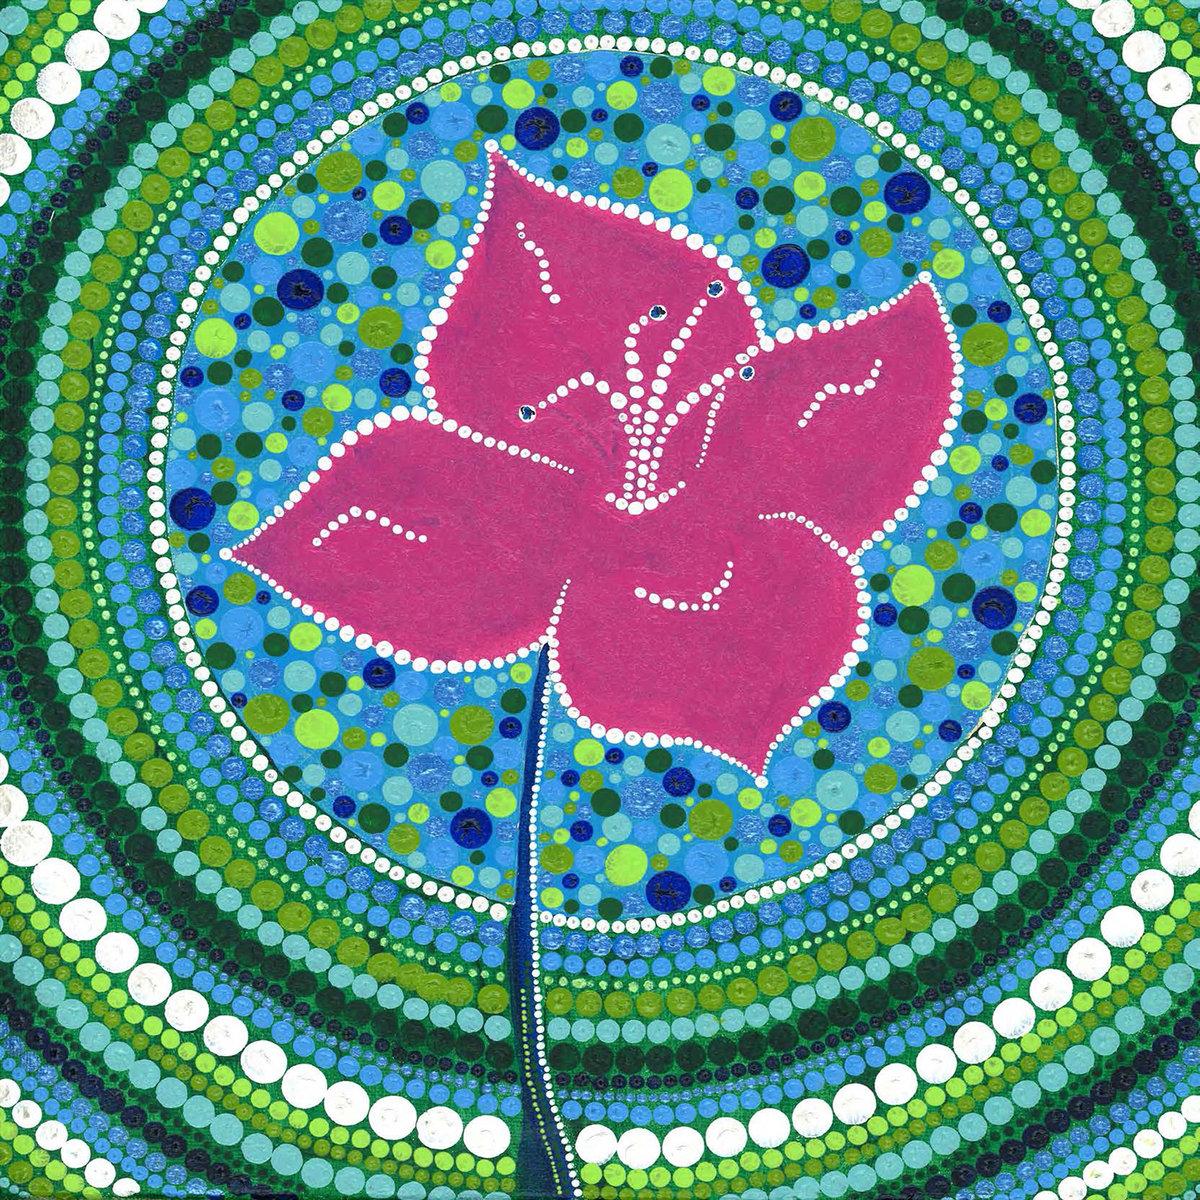 electronic-dream-foundation-dot-art-flower.jpg